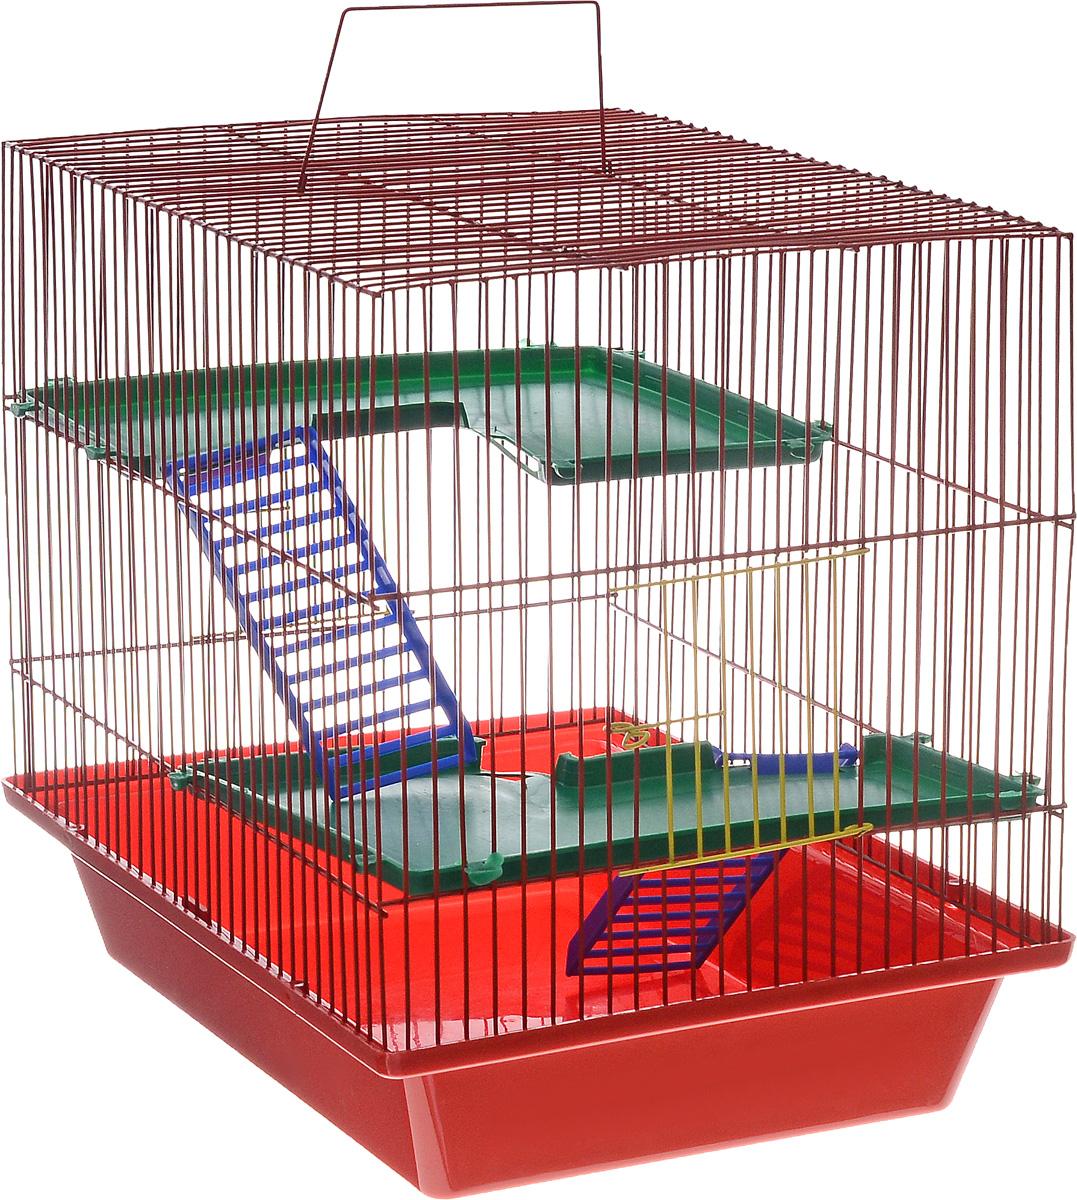 Клетка для грызунов ЗооМарк Гризли, 3-этажная, цвет: красный поддон, красная решетка, зеленые этажи, 41 х 30 х 36 см230КККлетка ЗооМарк Гризли, выполненная из полипропилена и металла, подходит для мелких грызунов. Изделие трехэтажное. Клетка имеет яркий поддон, удобна в использовании и легко чистится. Сверху имеется ручка для переноски. Такая клетка станет уединенным личным пространством и уютным домиком для маленького грызуна.